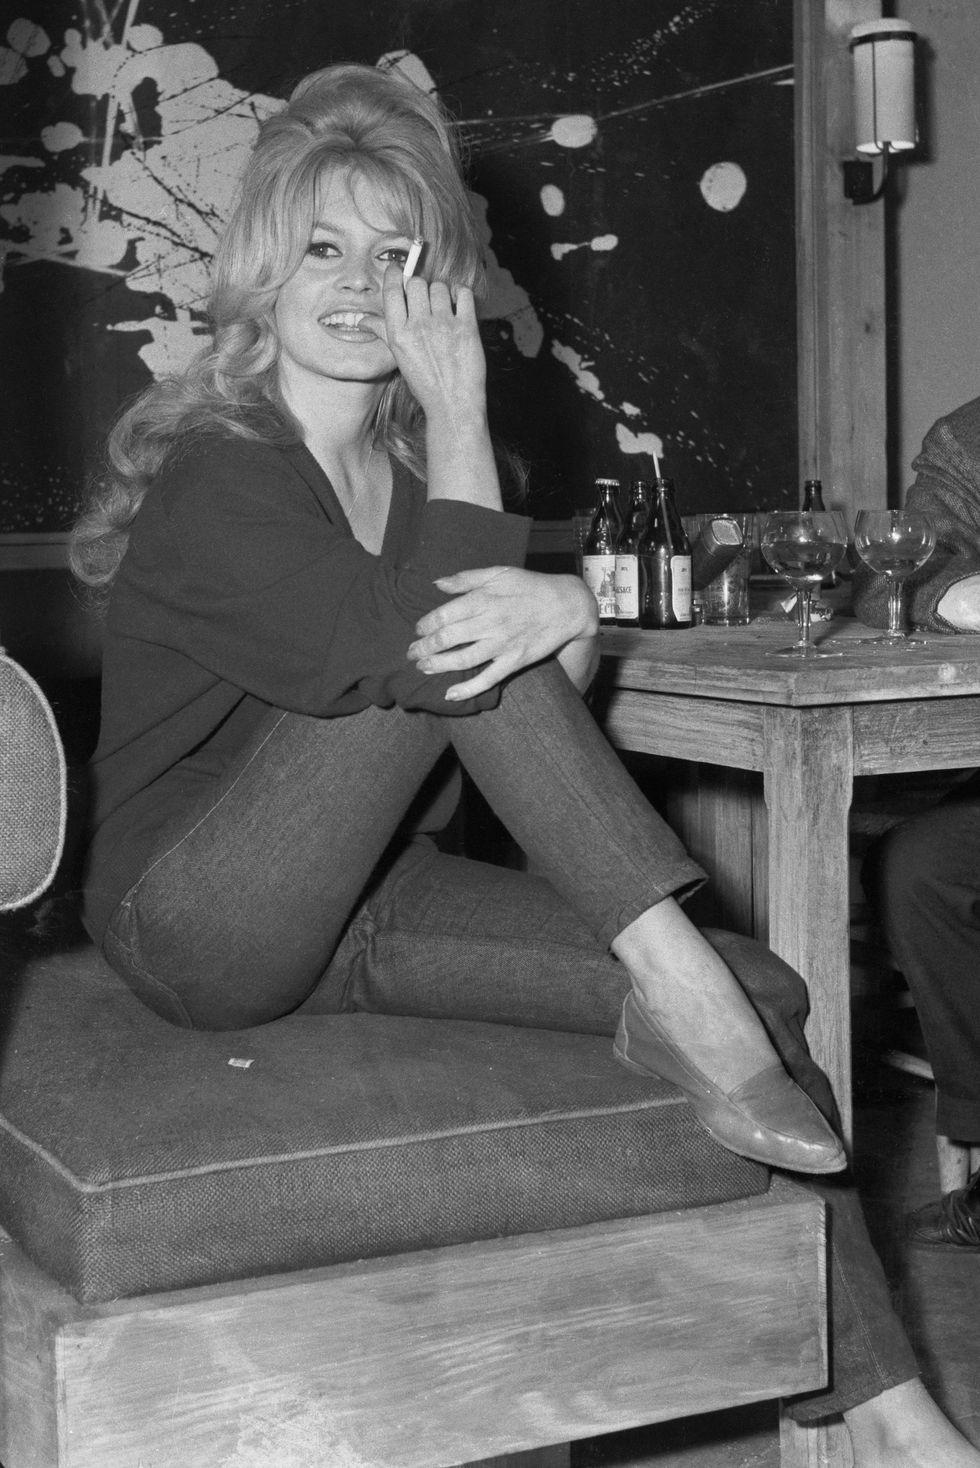 Bridget Bardot, 1960 Bardot diện một chiếc quần skinny jeans hiện đại theo phong cách retro trên phim trường La Verite . Sẽ mặc hôm nay.